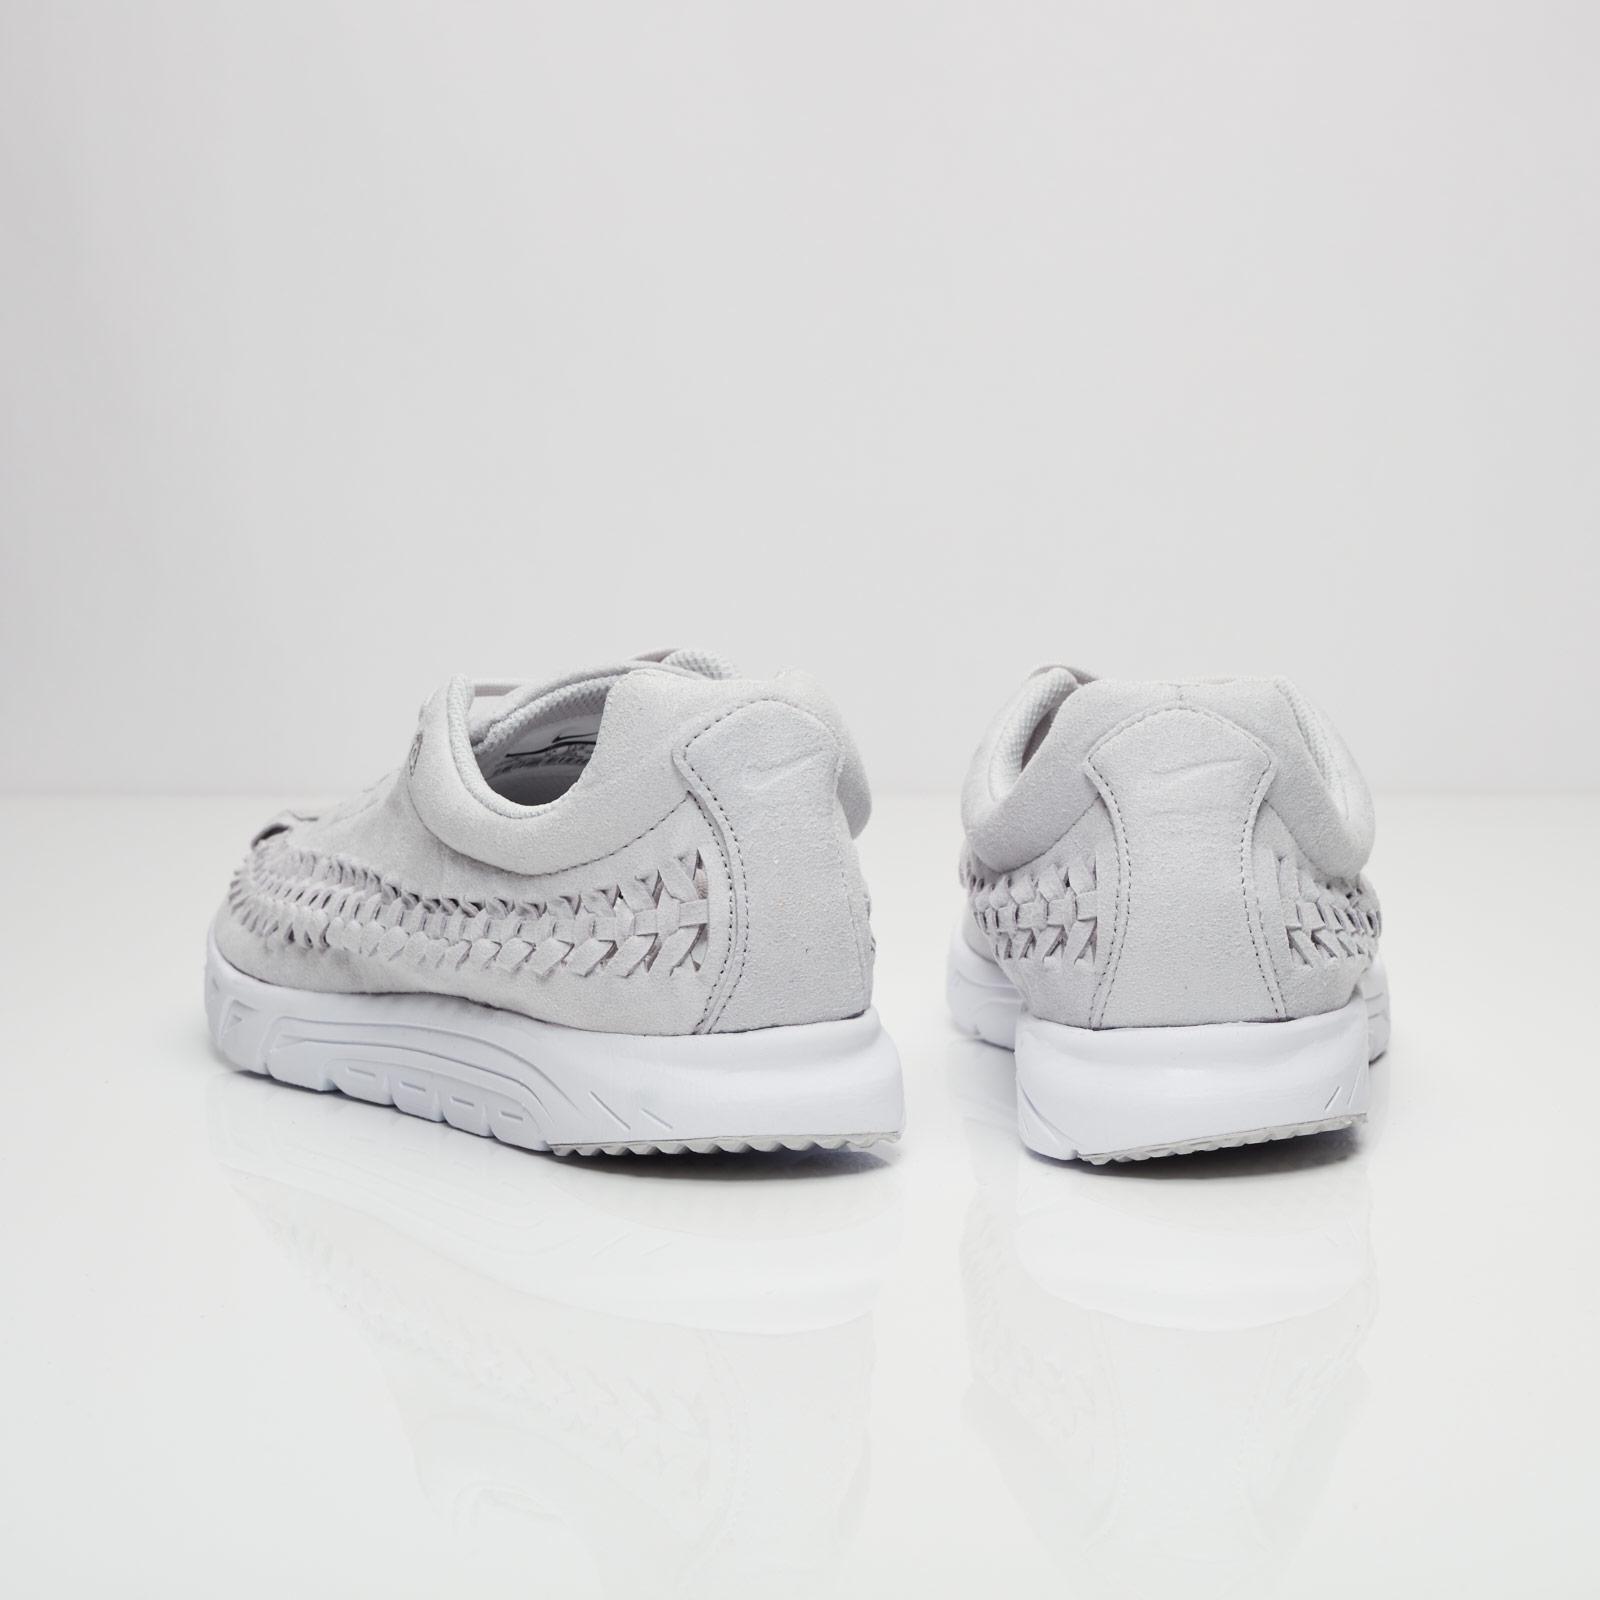 online store 75c4c 46aca Nike Mayfly Woven - 833132-005 - Sneakersnstuff   sneakers   streetwear  online since 1999